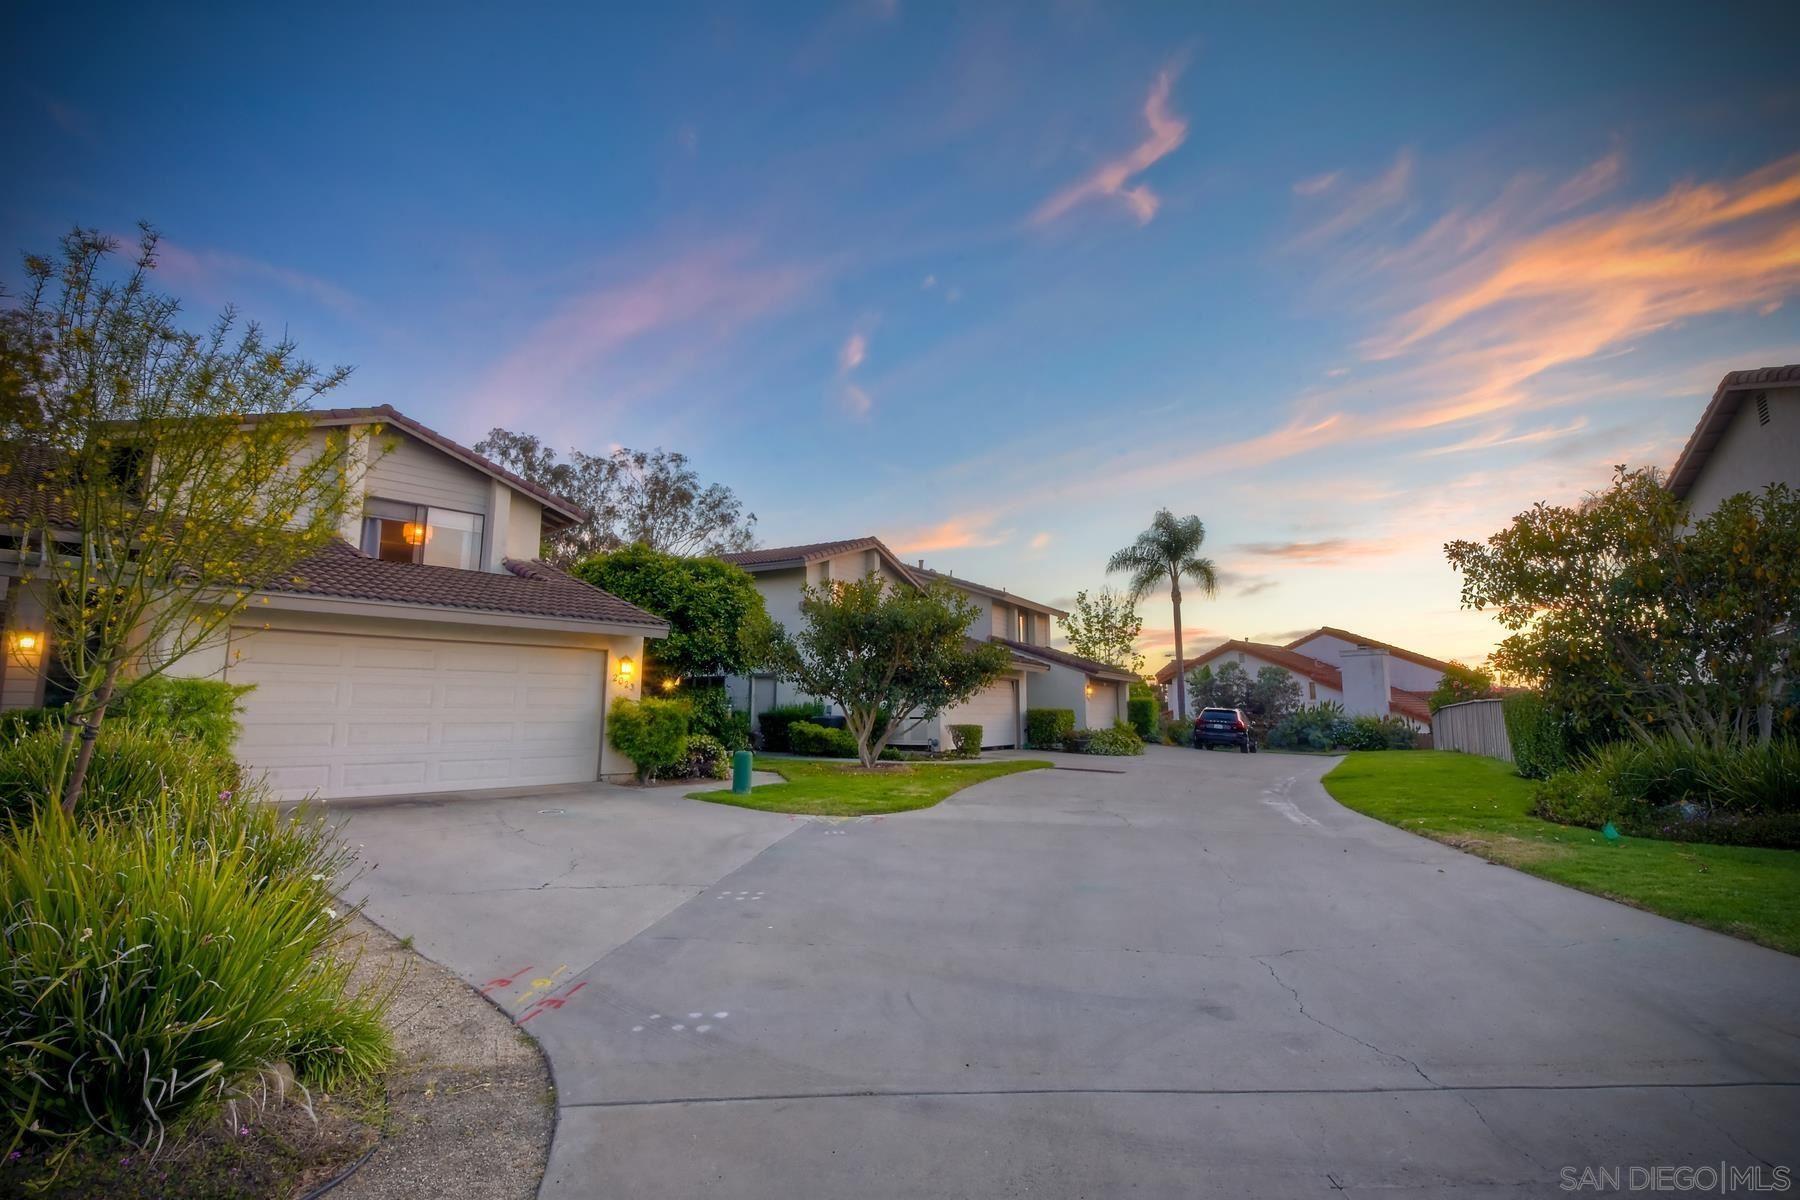 Photo of 2023 Leafwood Place, Encinitas, CA 92024 (MLS # 210015859)